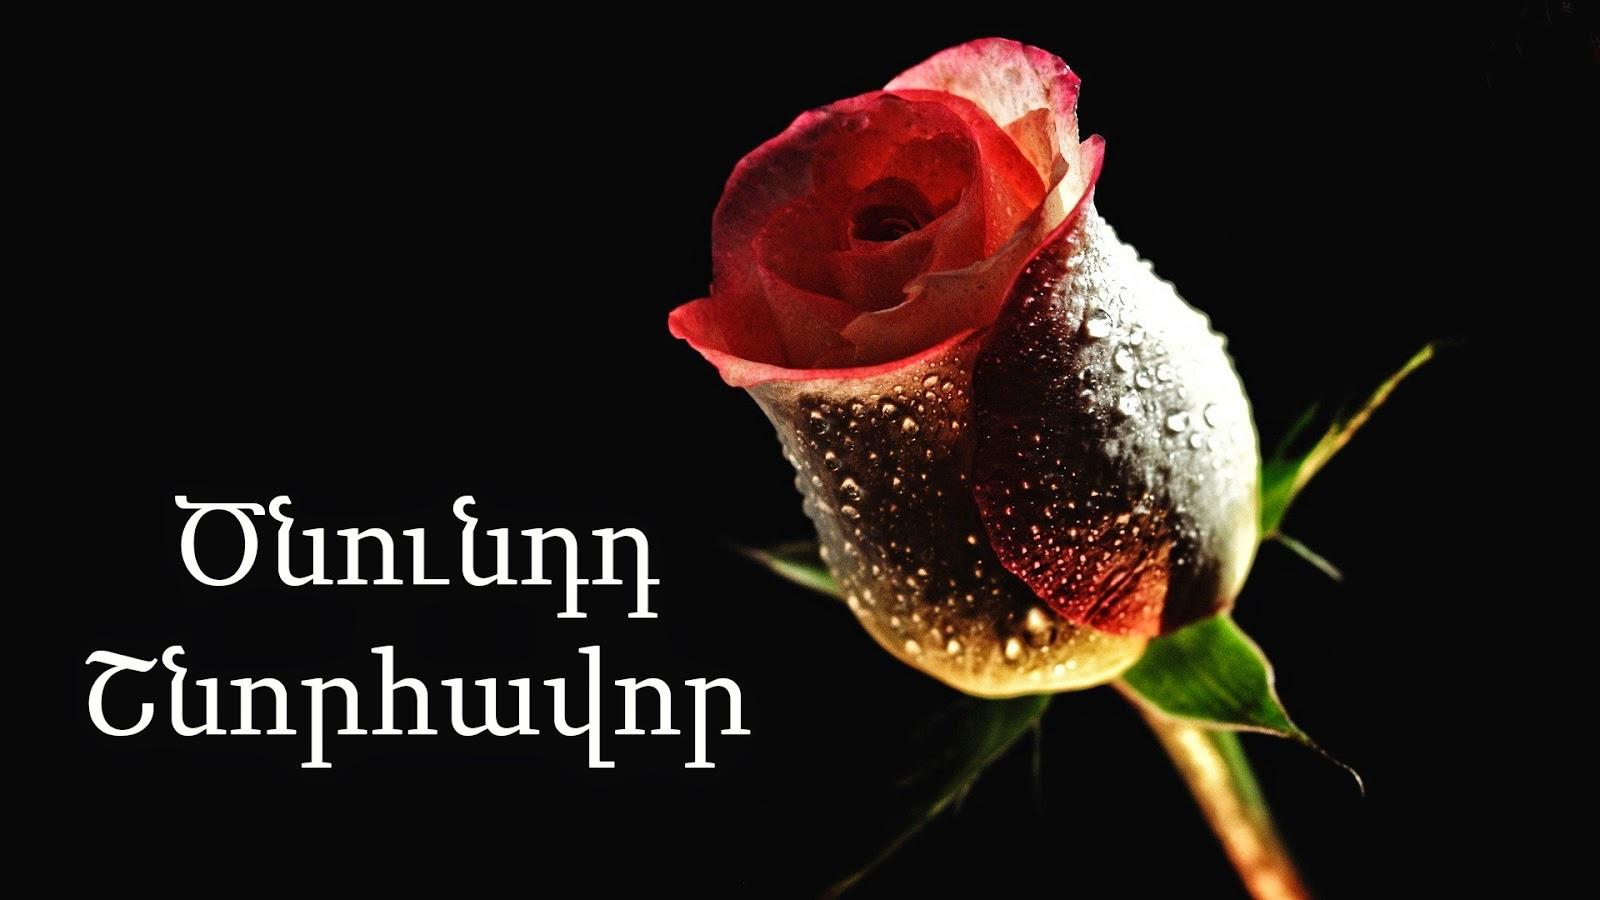 Открытки цнундт шноравор на армянском, днем рождения